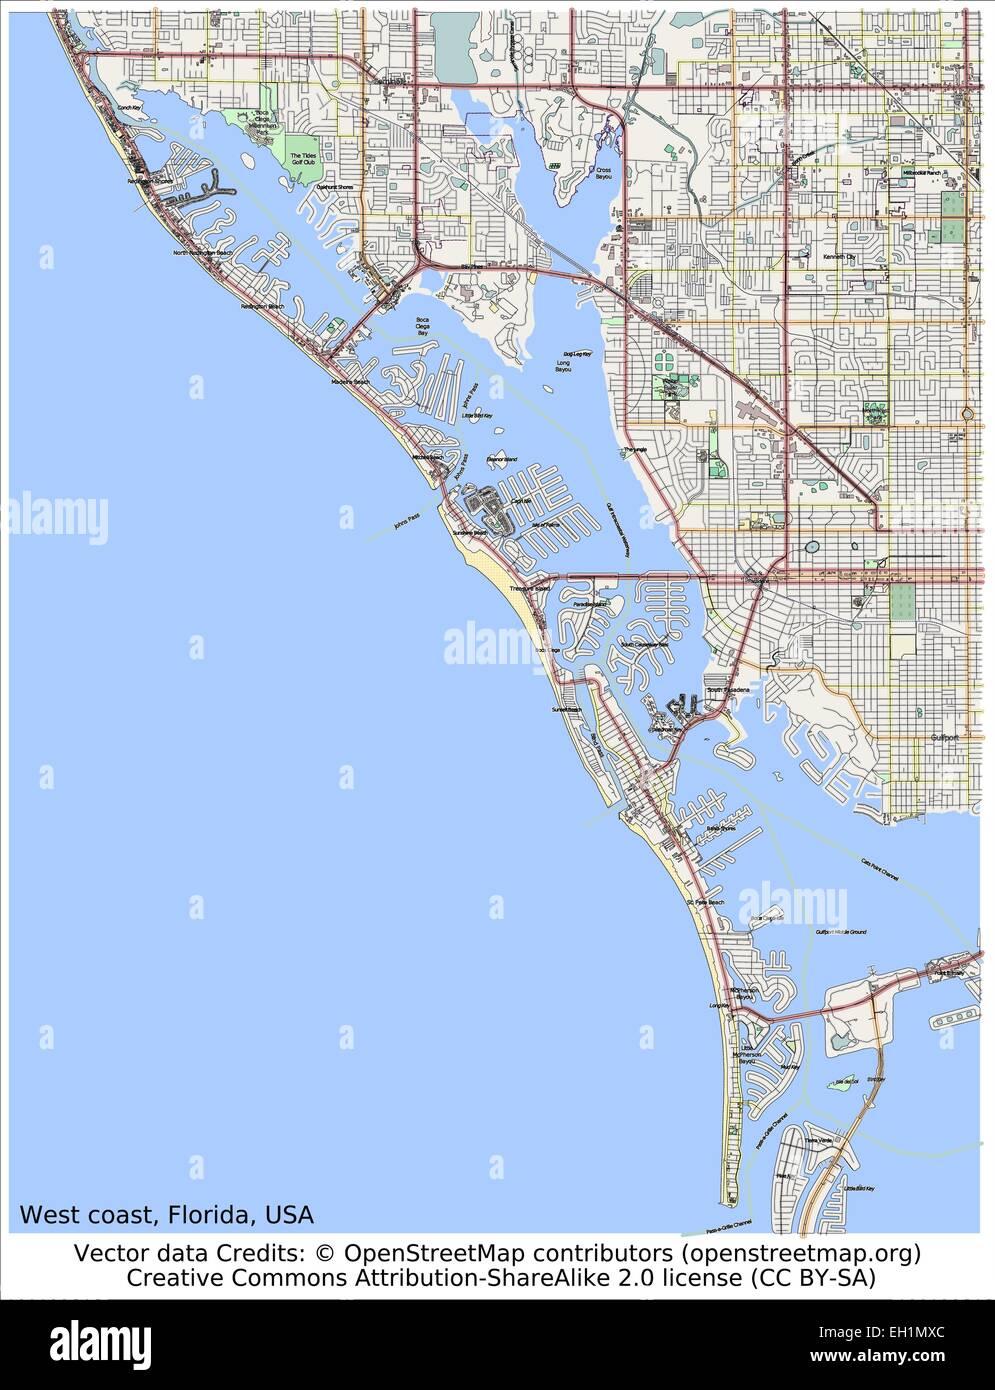 Karte Von Florida Westkuste.Landkarte Florida Usa Westkuste Vektor Abbildung Bild